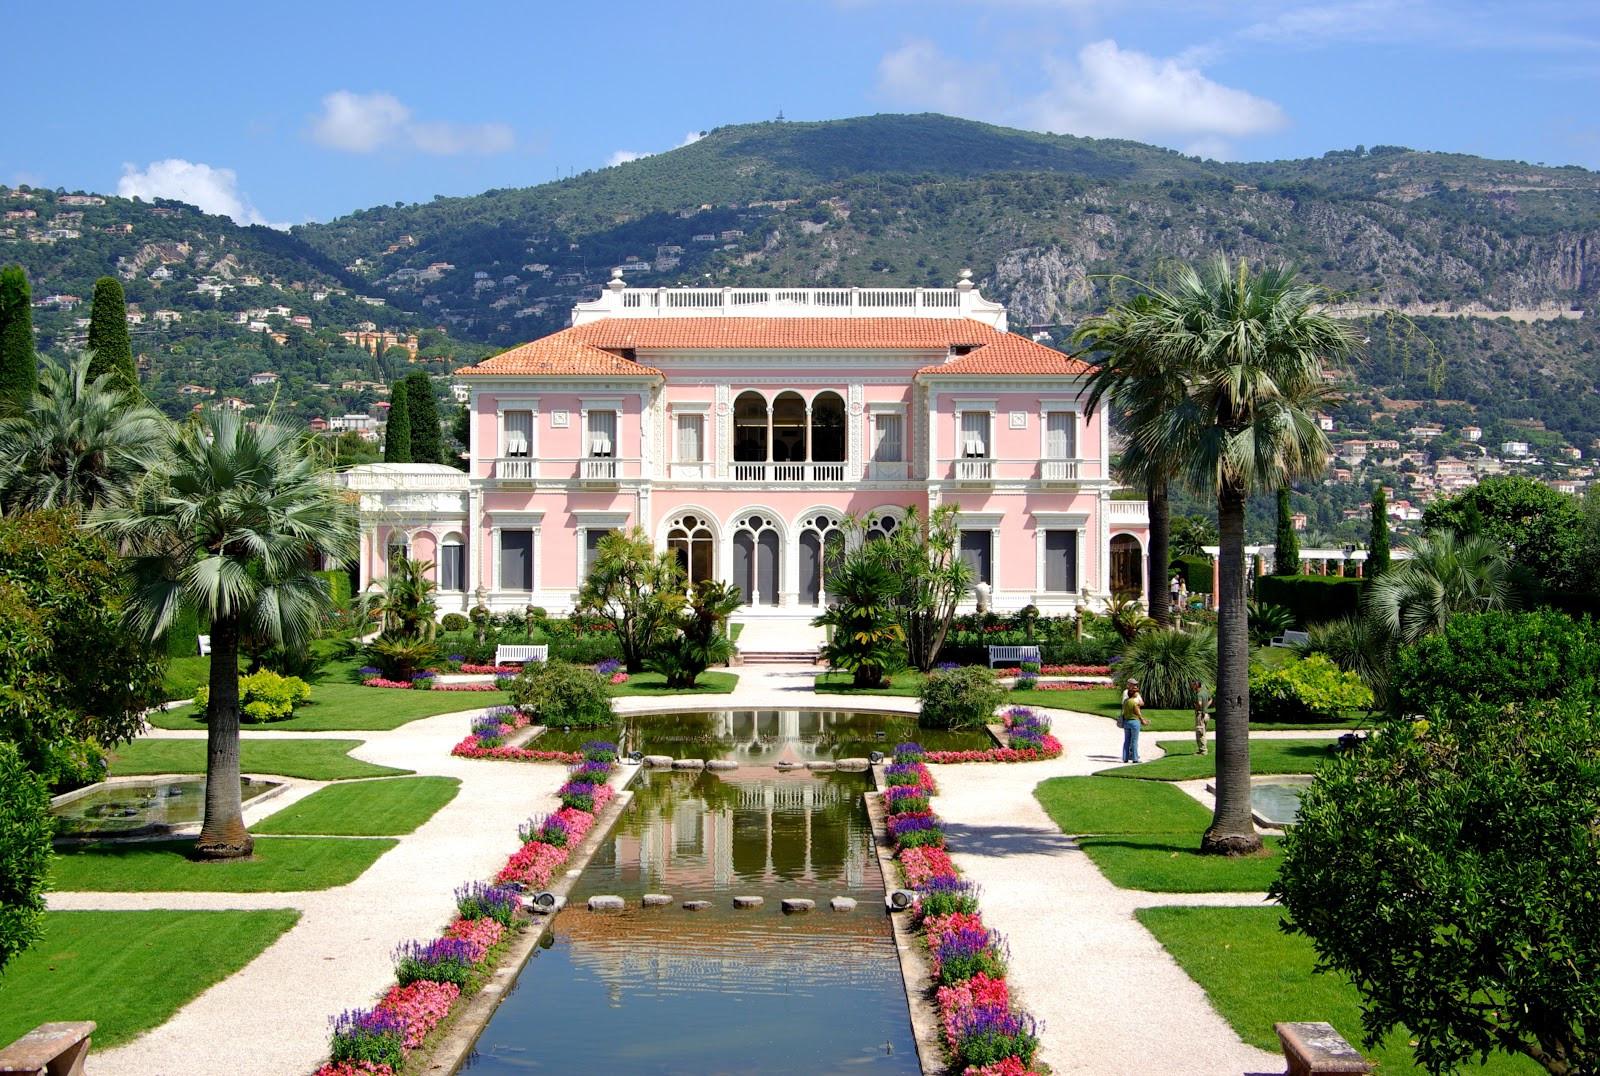 Villa_Ephrussi_de_Rothschild_BW_2011-06-